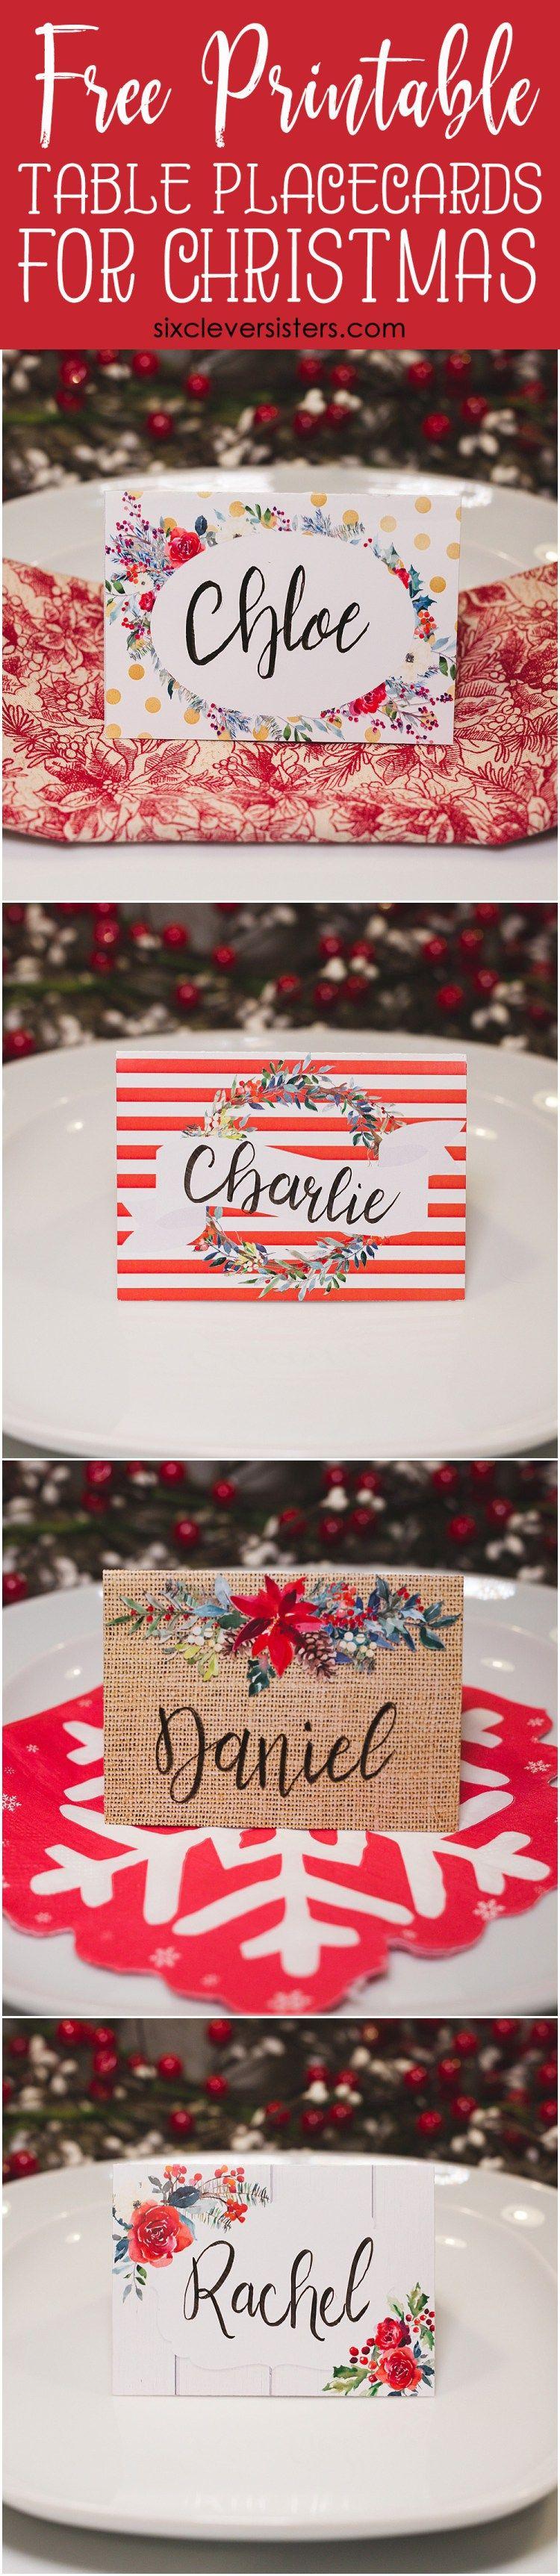 Christmas Table Place Cards   Christmas Name Place Cards   Christmas - Christmas Table Name Cards Free Printable